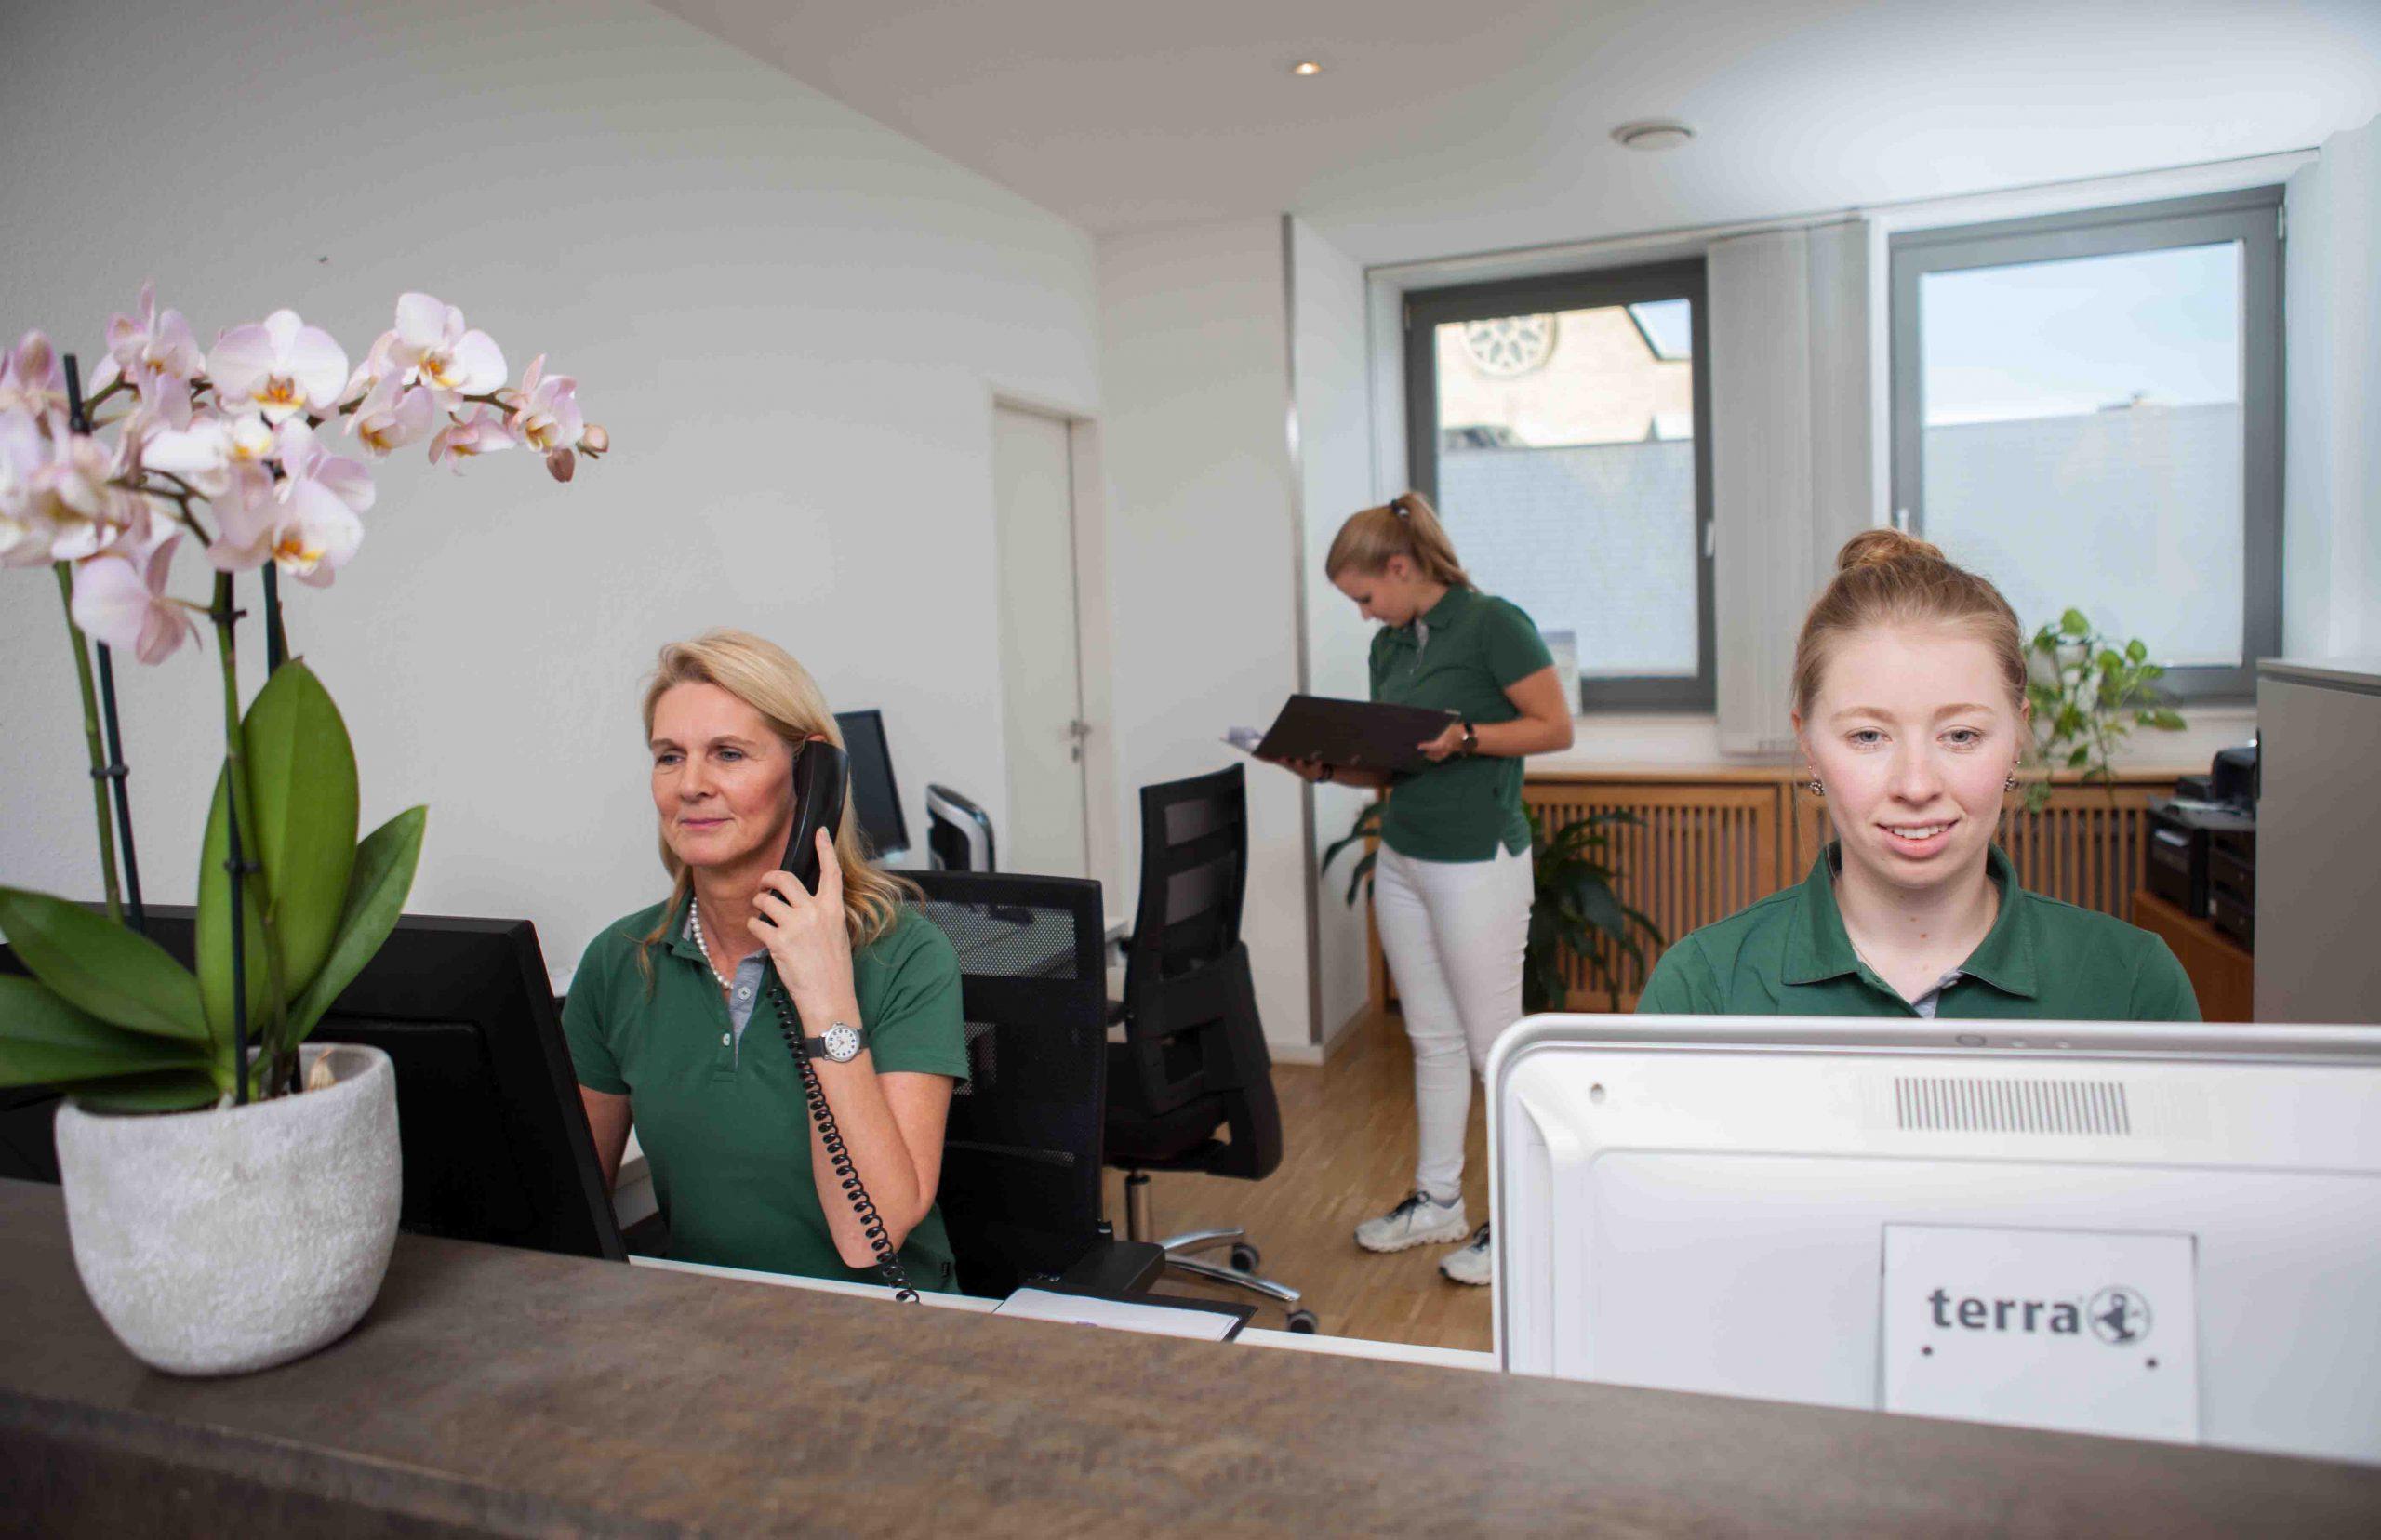 Wildthurn - Ihr Geschäftpartner für Businessfoto in Berlin.